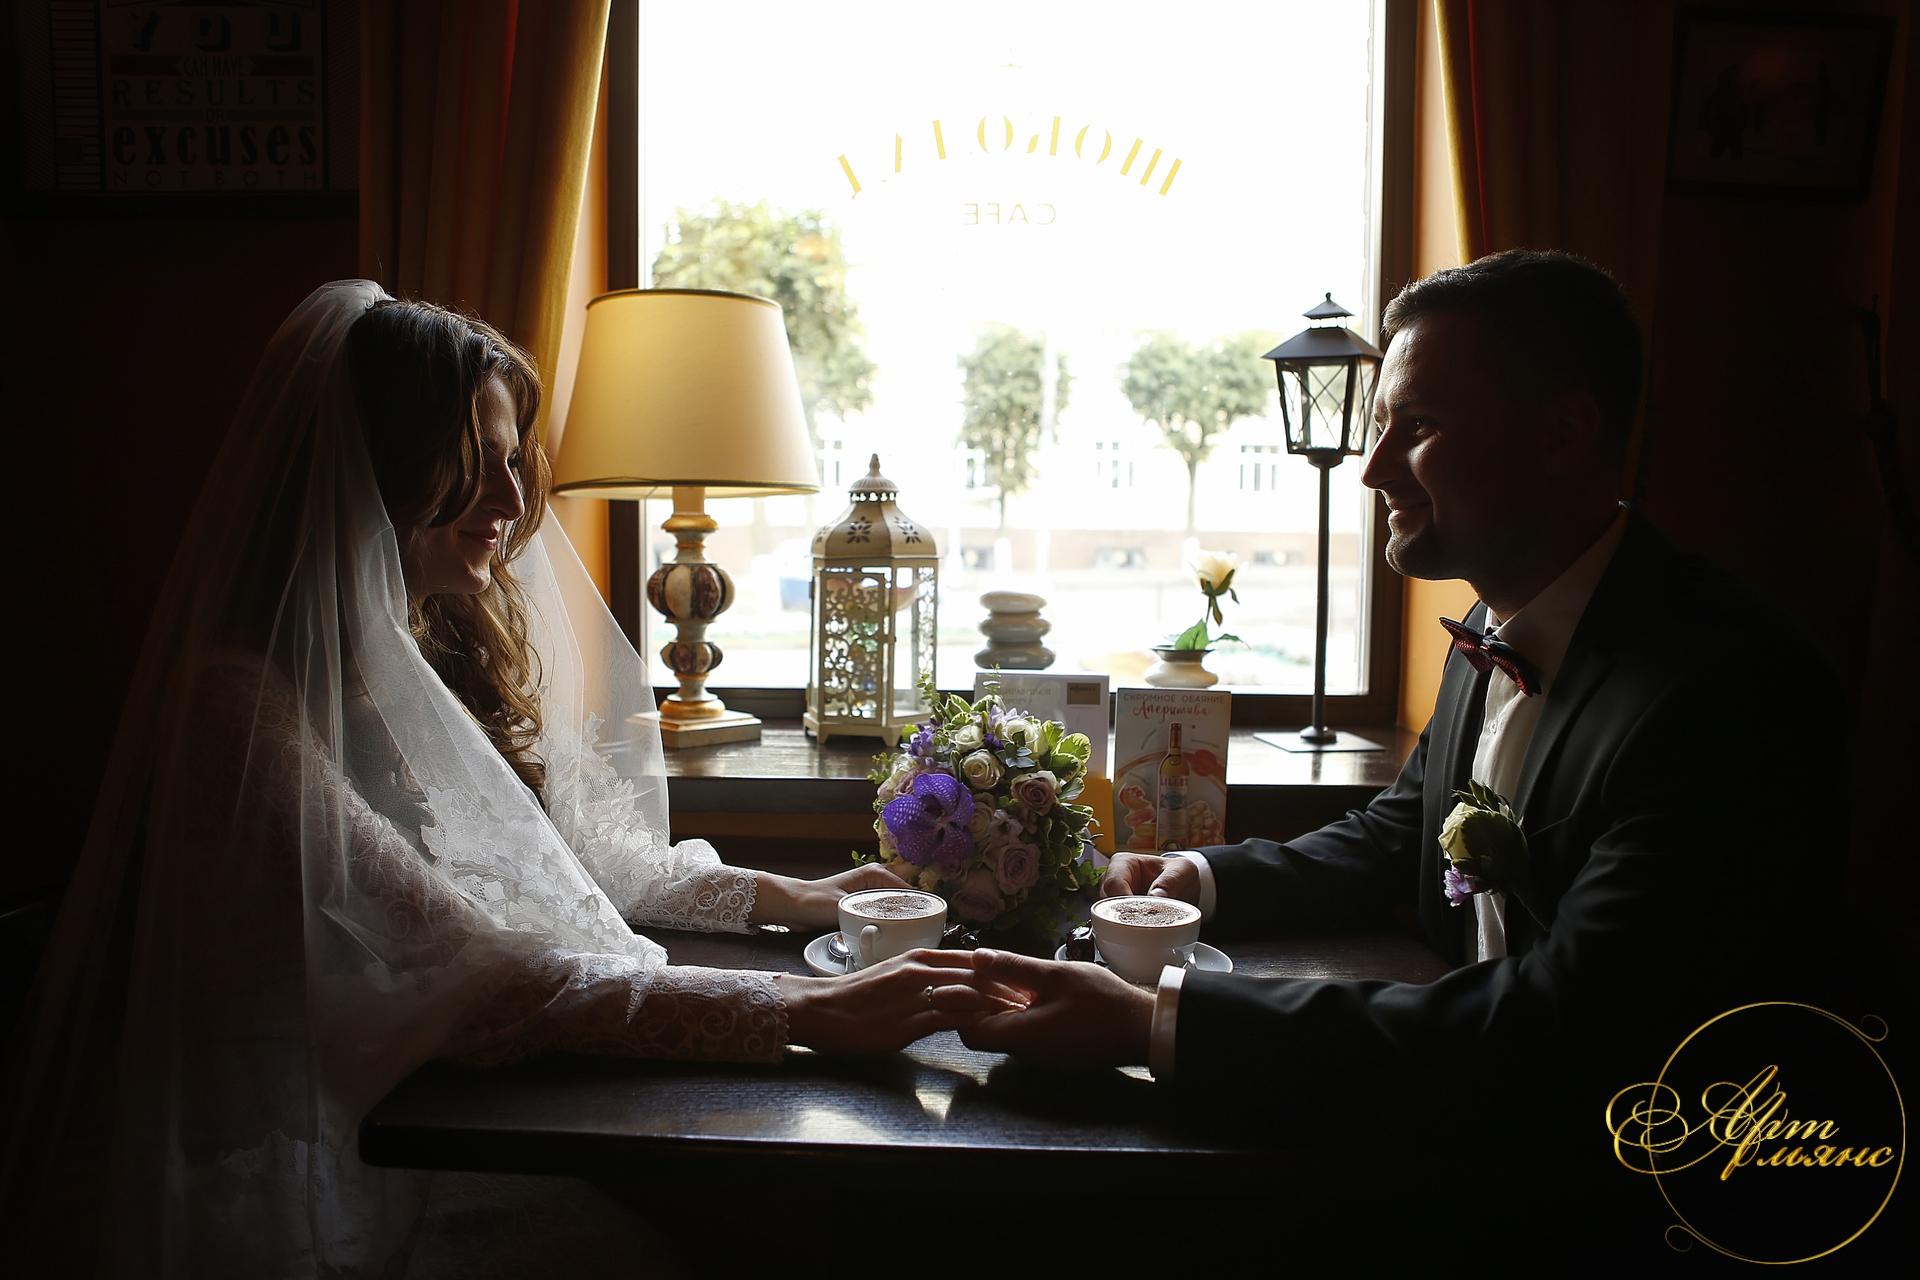 Постоновочный фильм на свадьбу